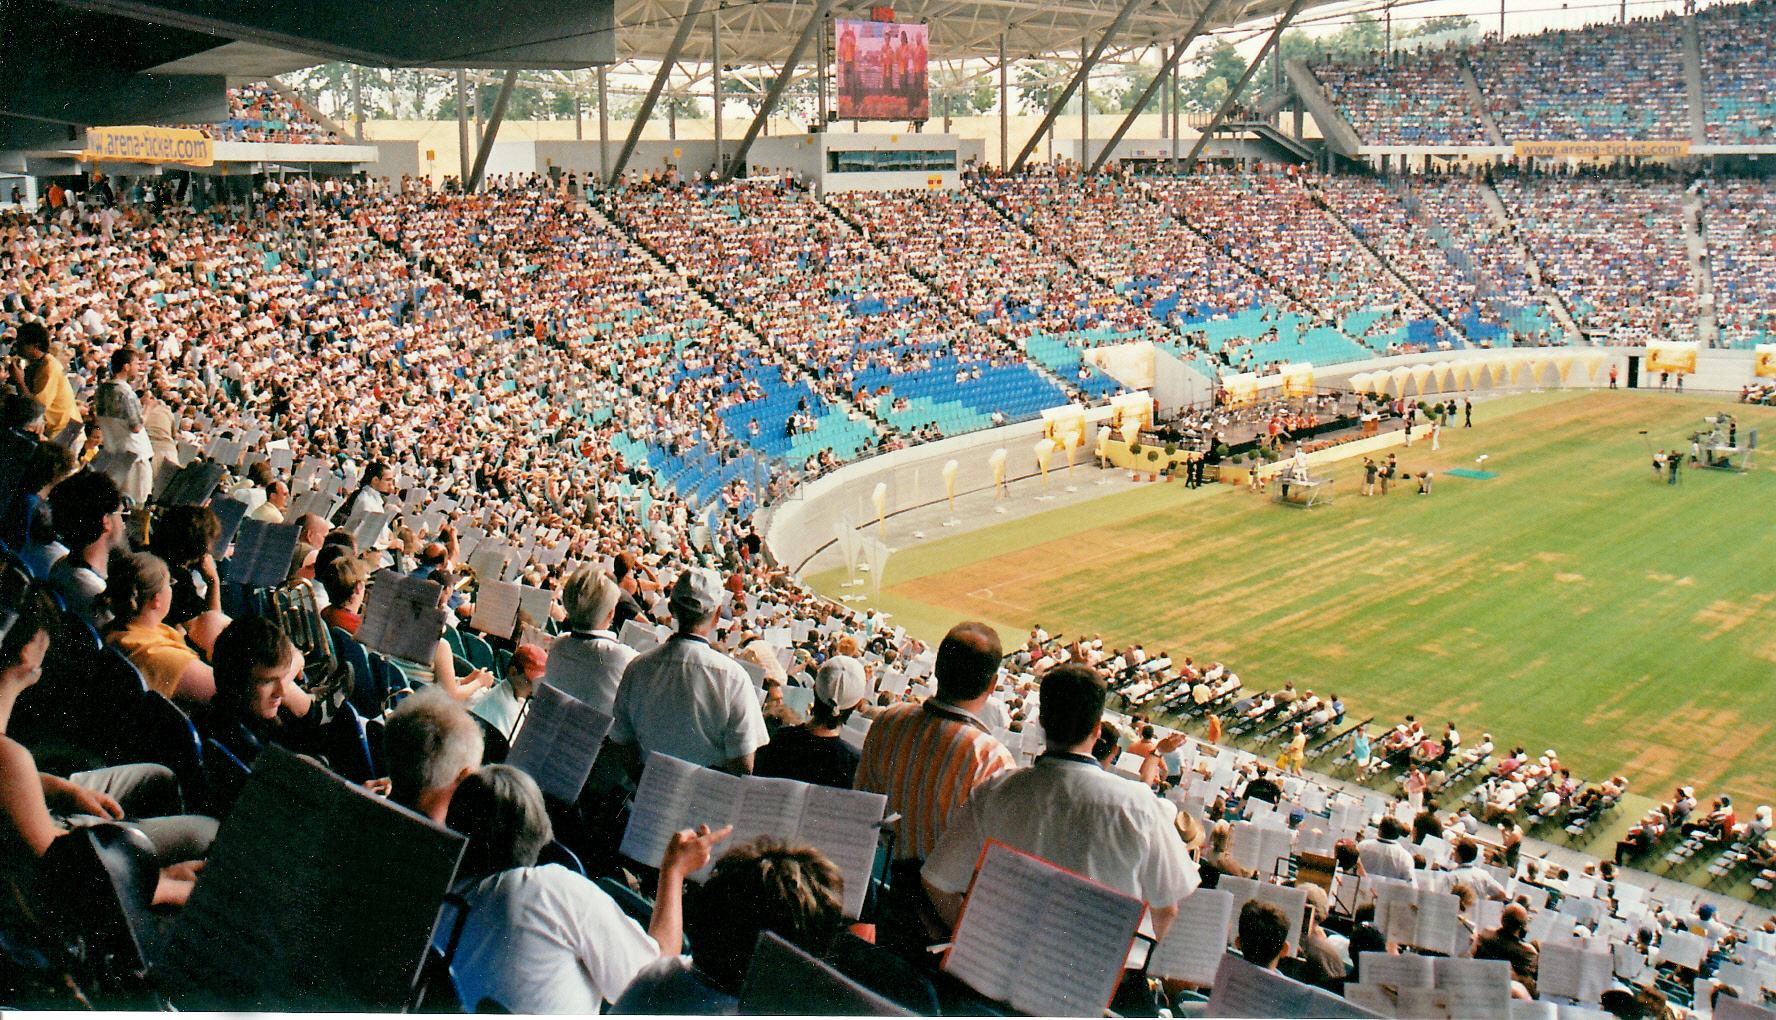 2008: Teilnahme am Deutschen Evangelischen Posaunentag in Leipzig - mit 16000 Bläsern war es das bis dahin größte bundesweite Posaunenfest